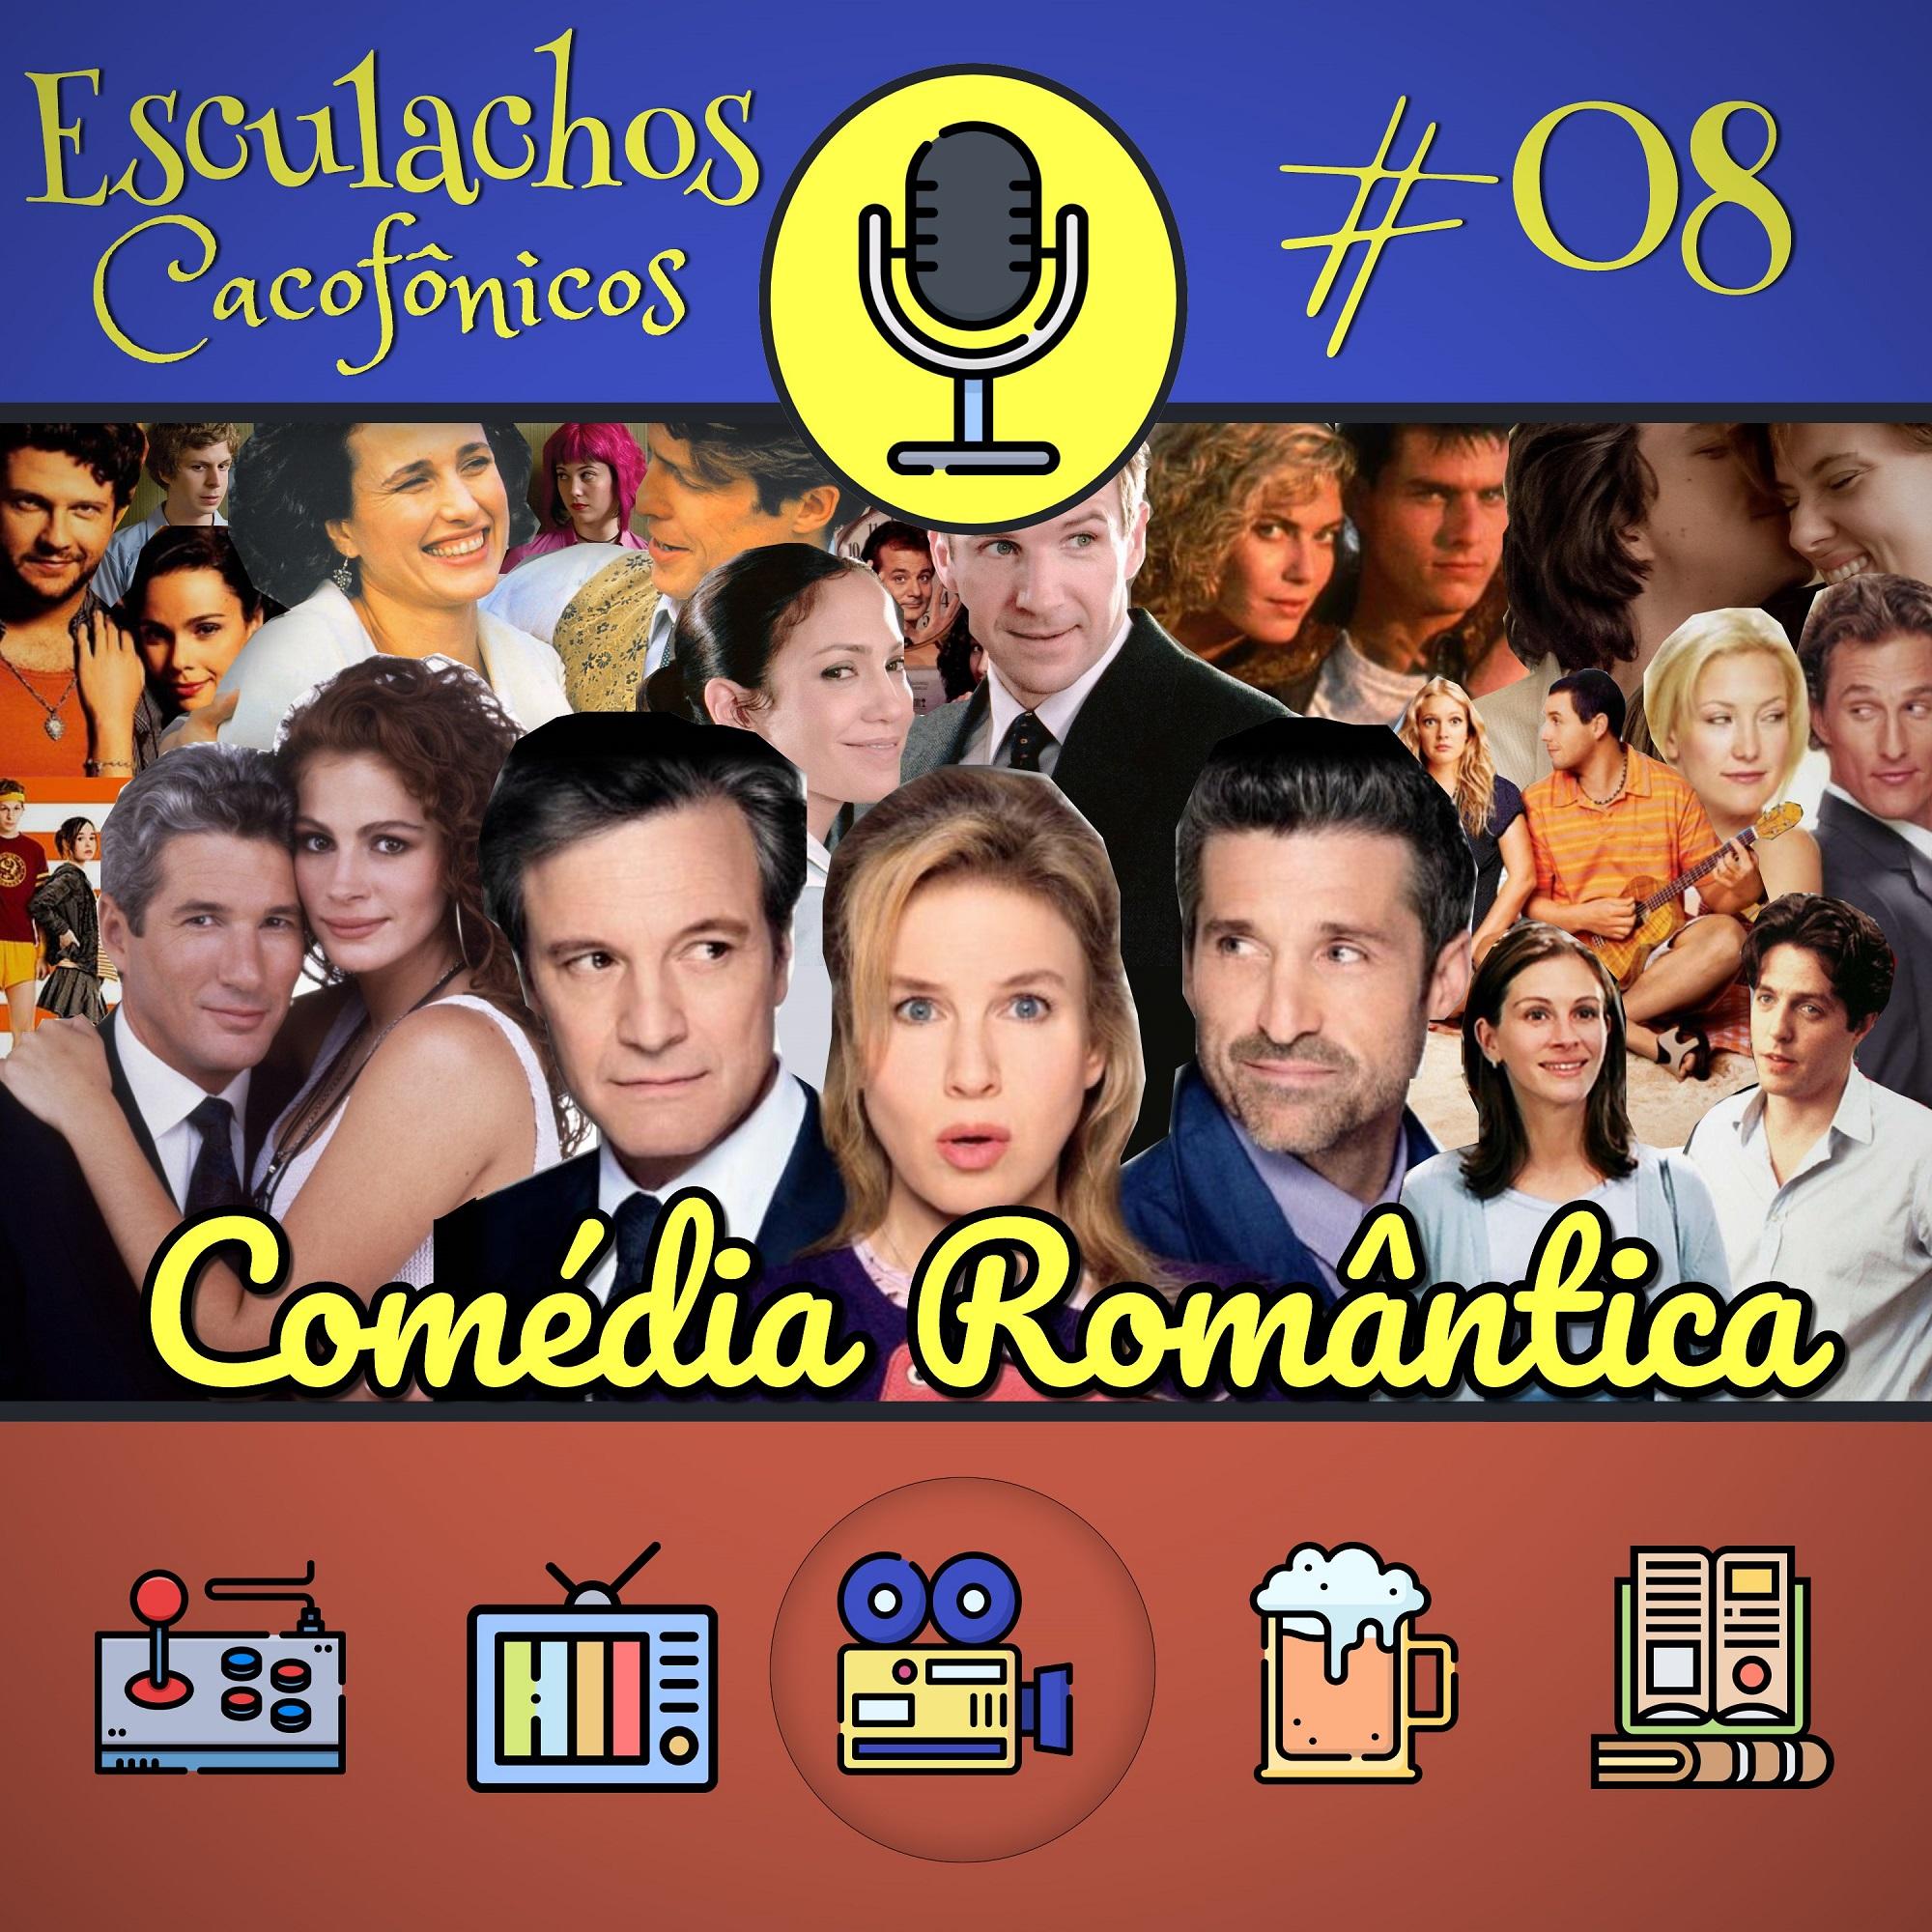 EP #08 - Comédia Romântica